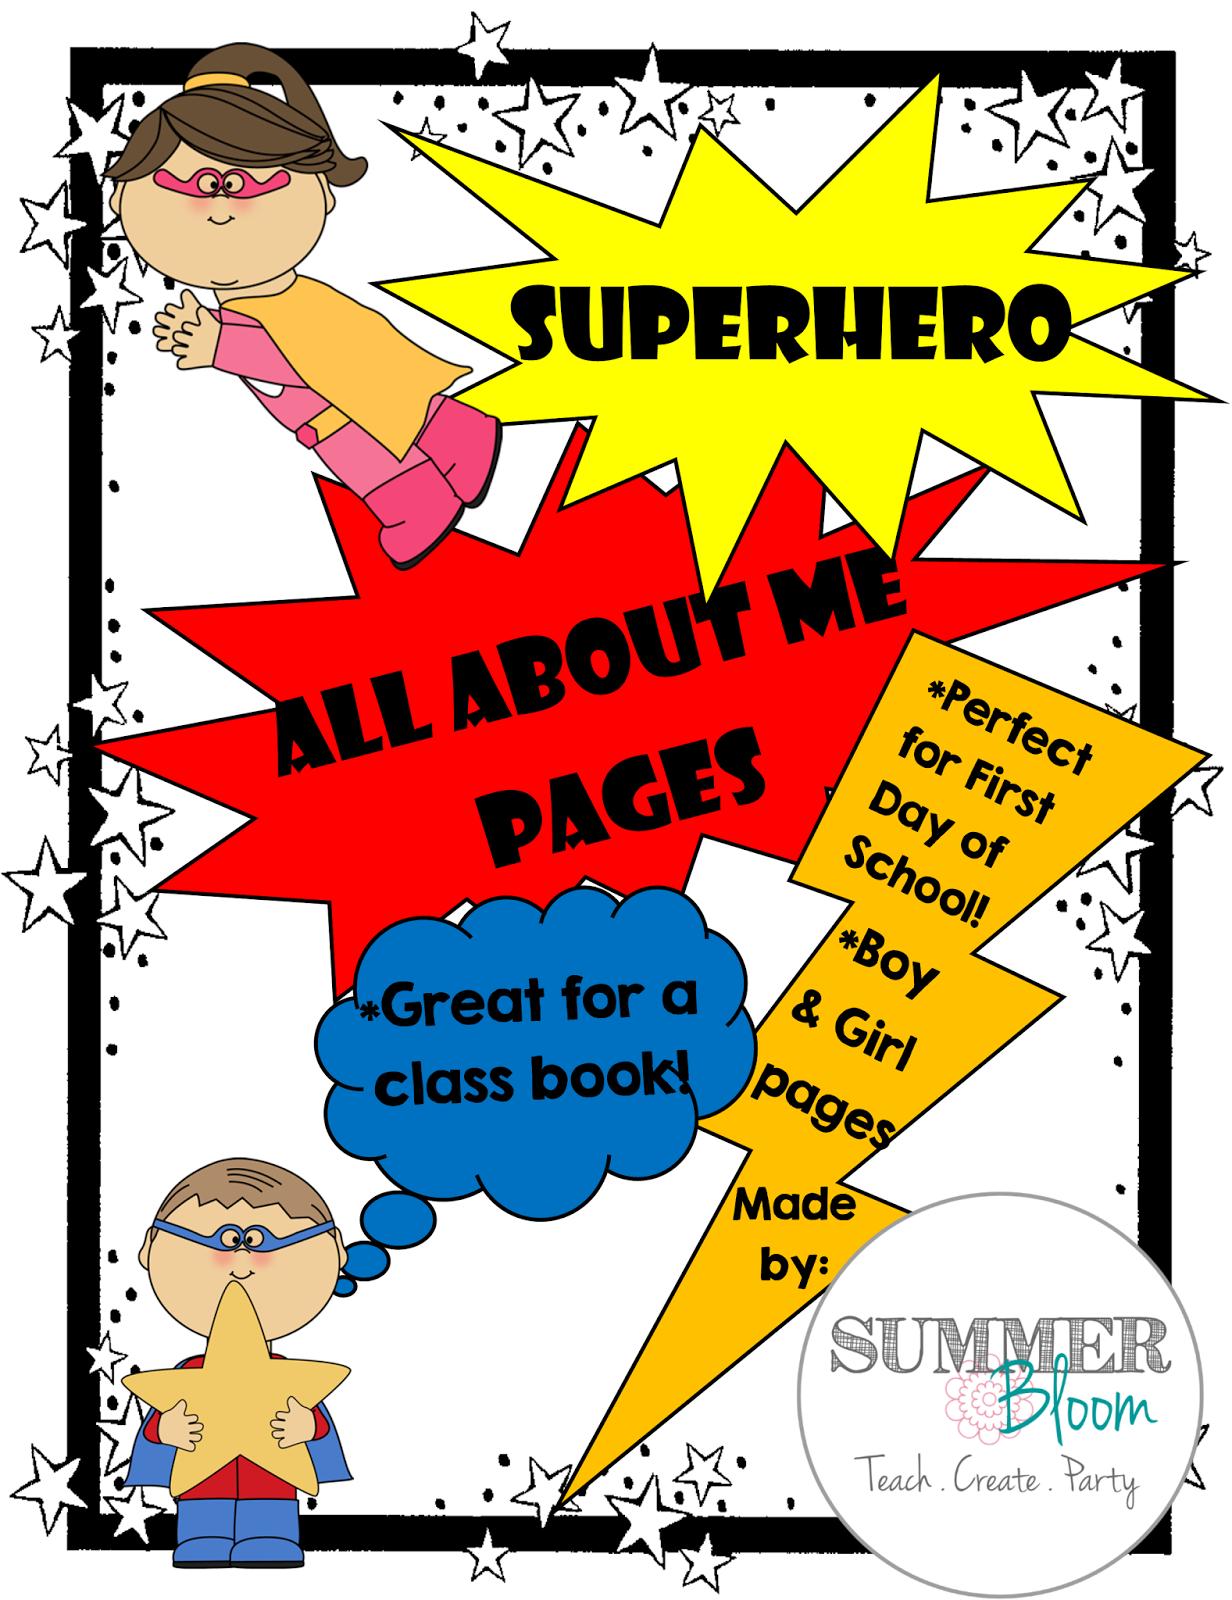 Summer Bloom Teach Create Party Superhero Themed All